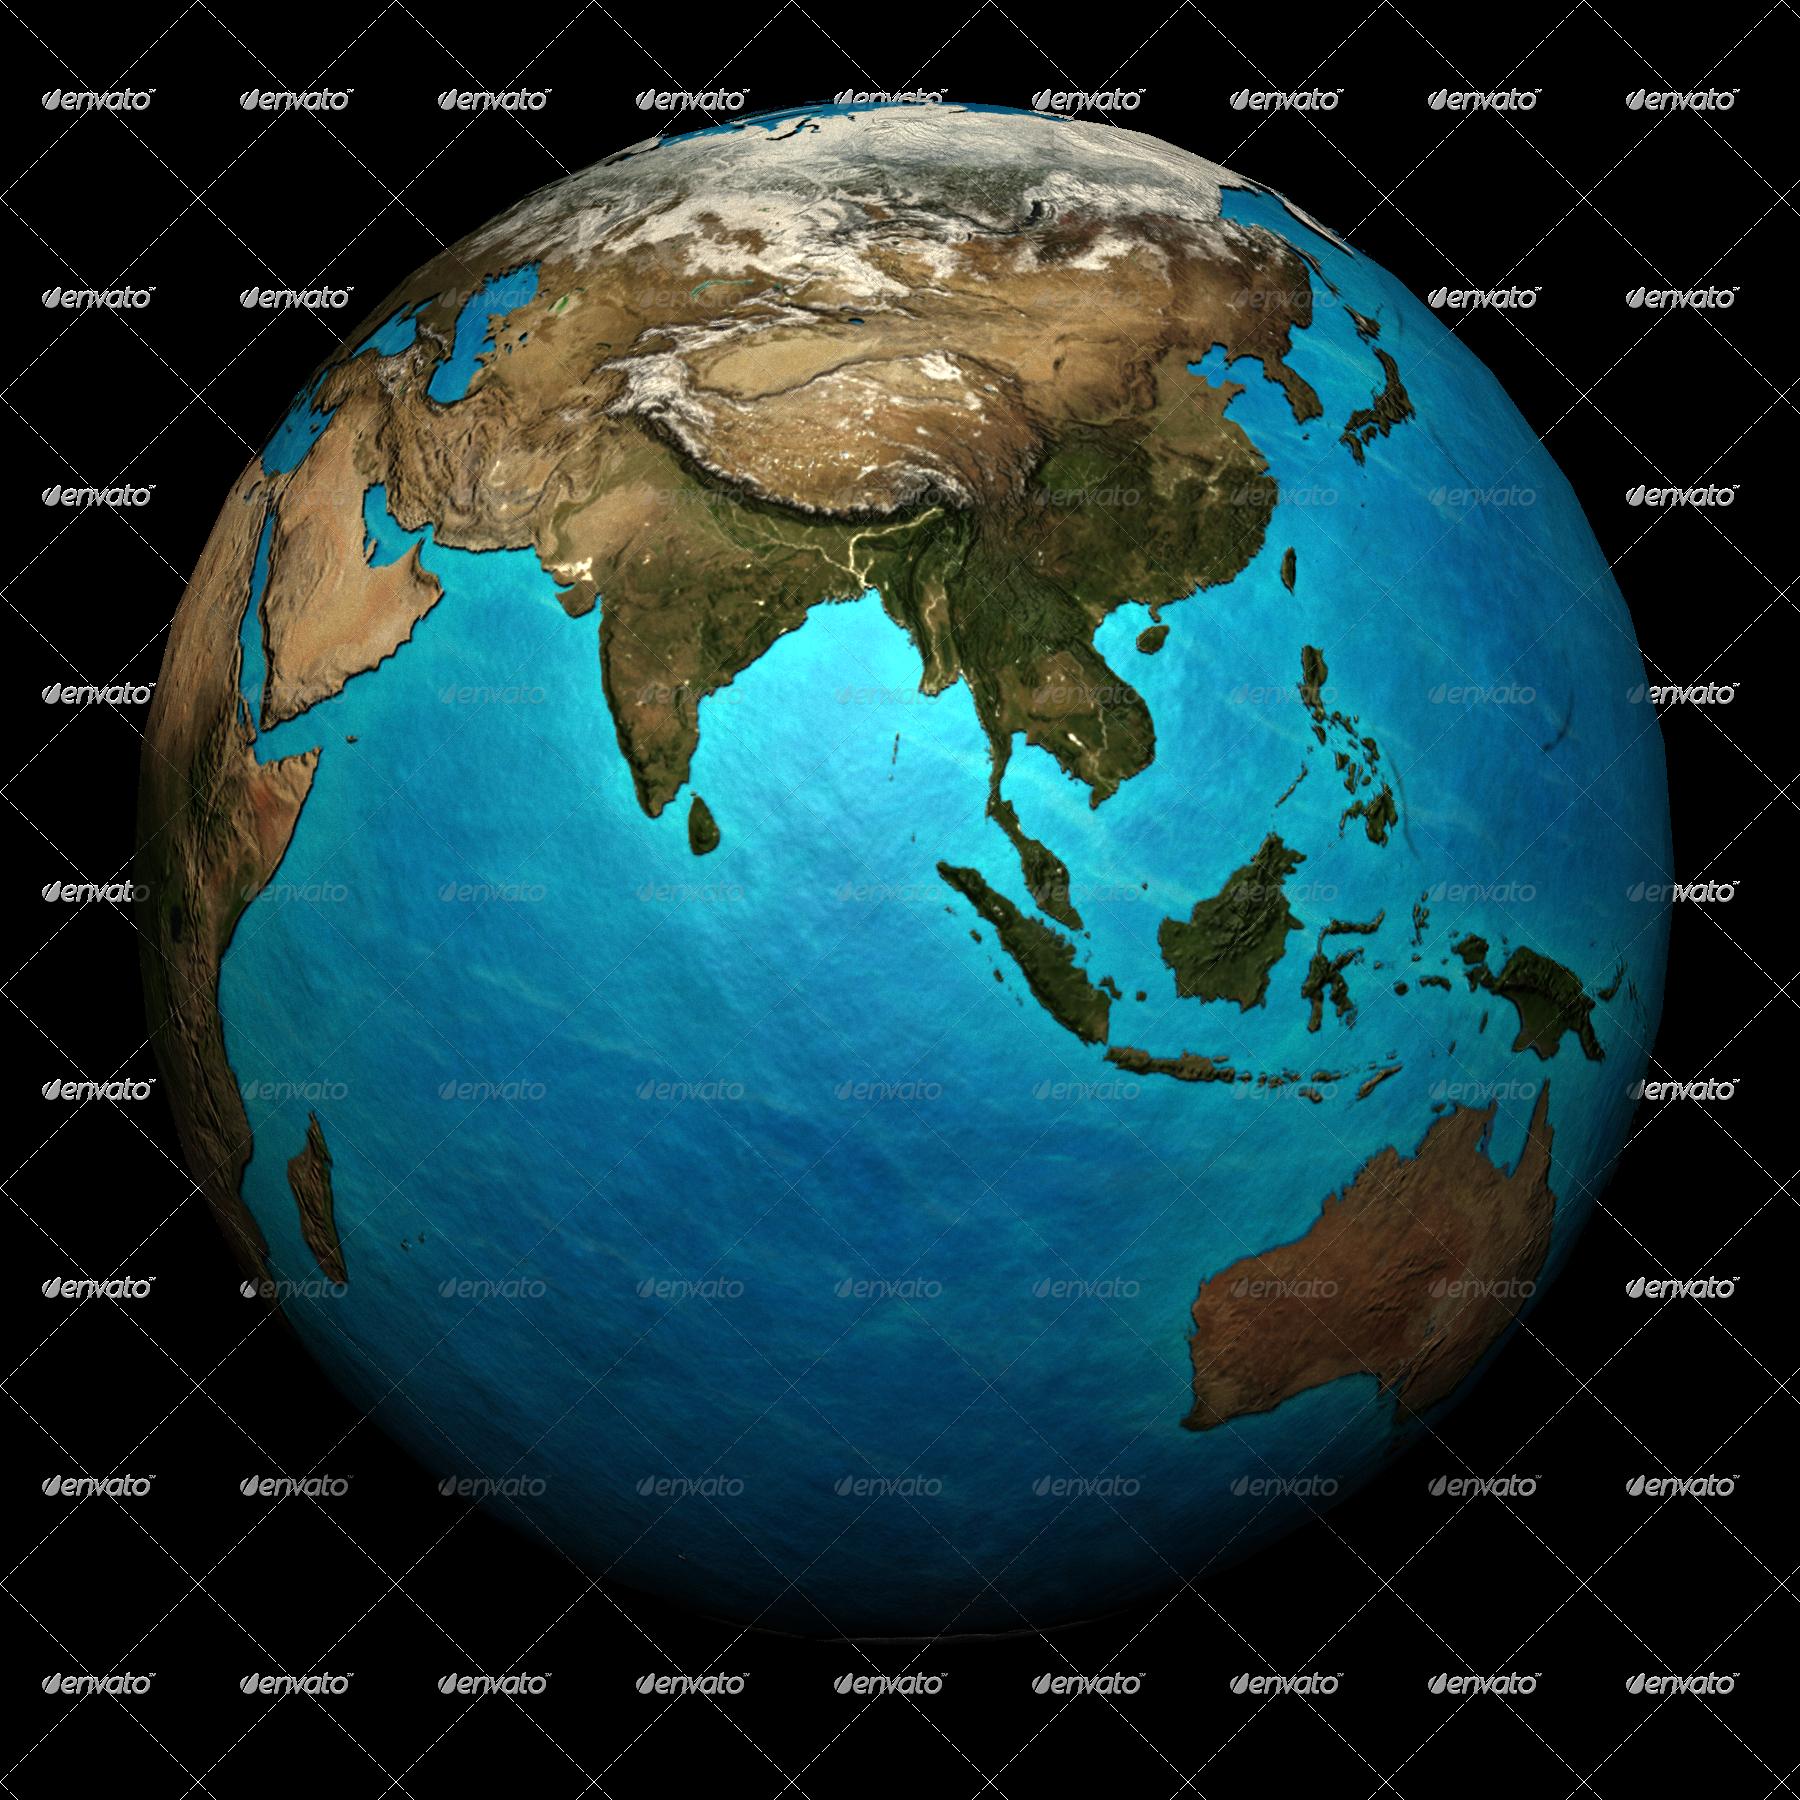 картинки планета глобус пальма такой бизнес